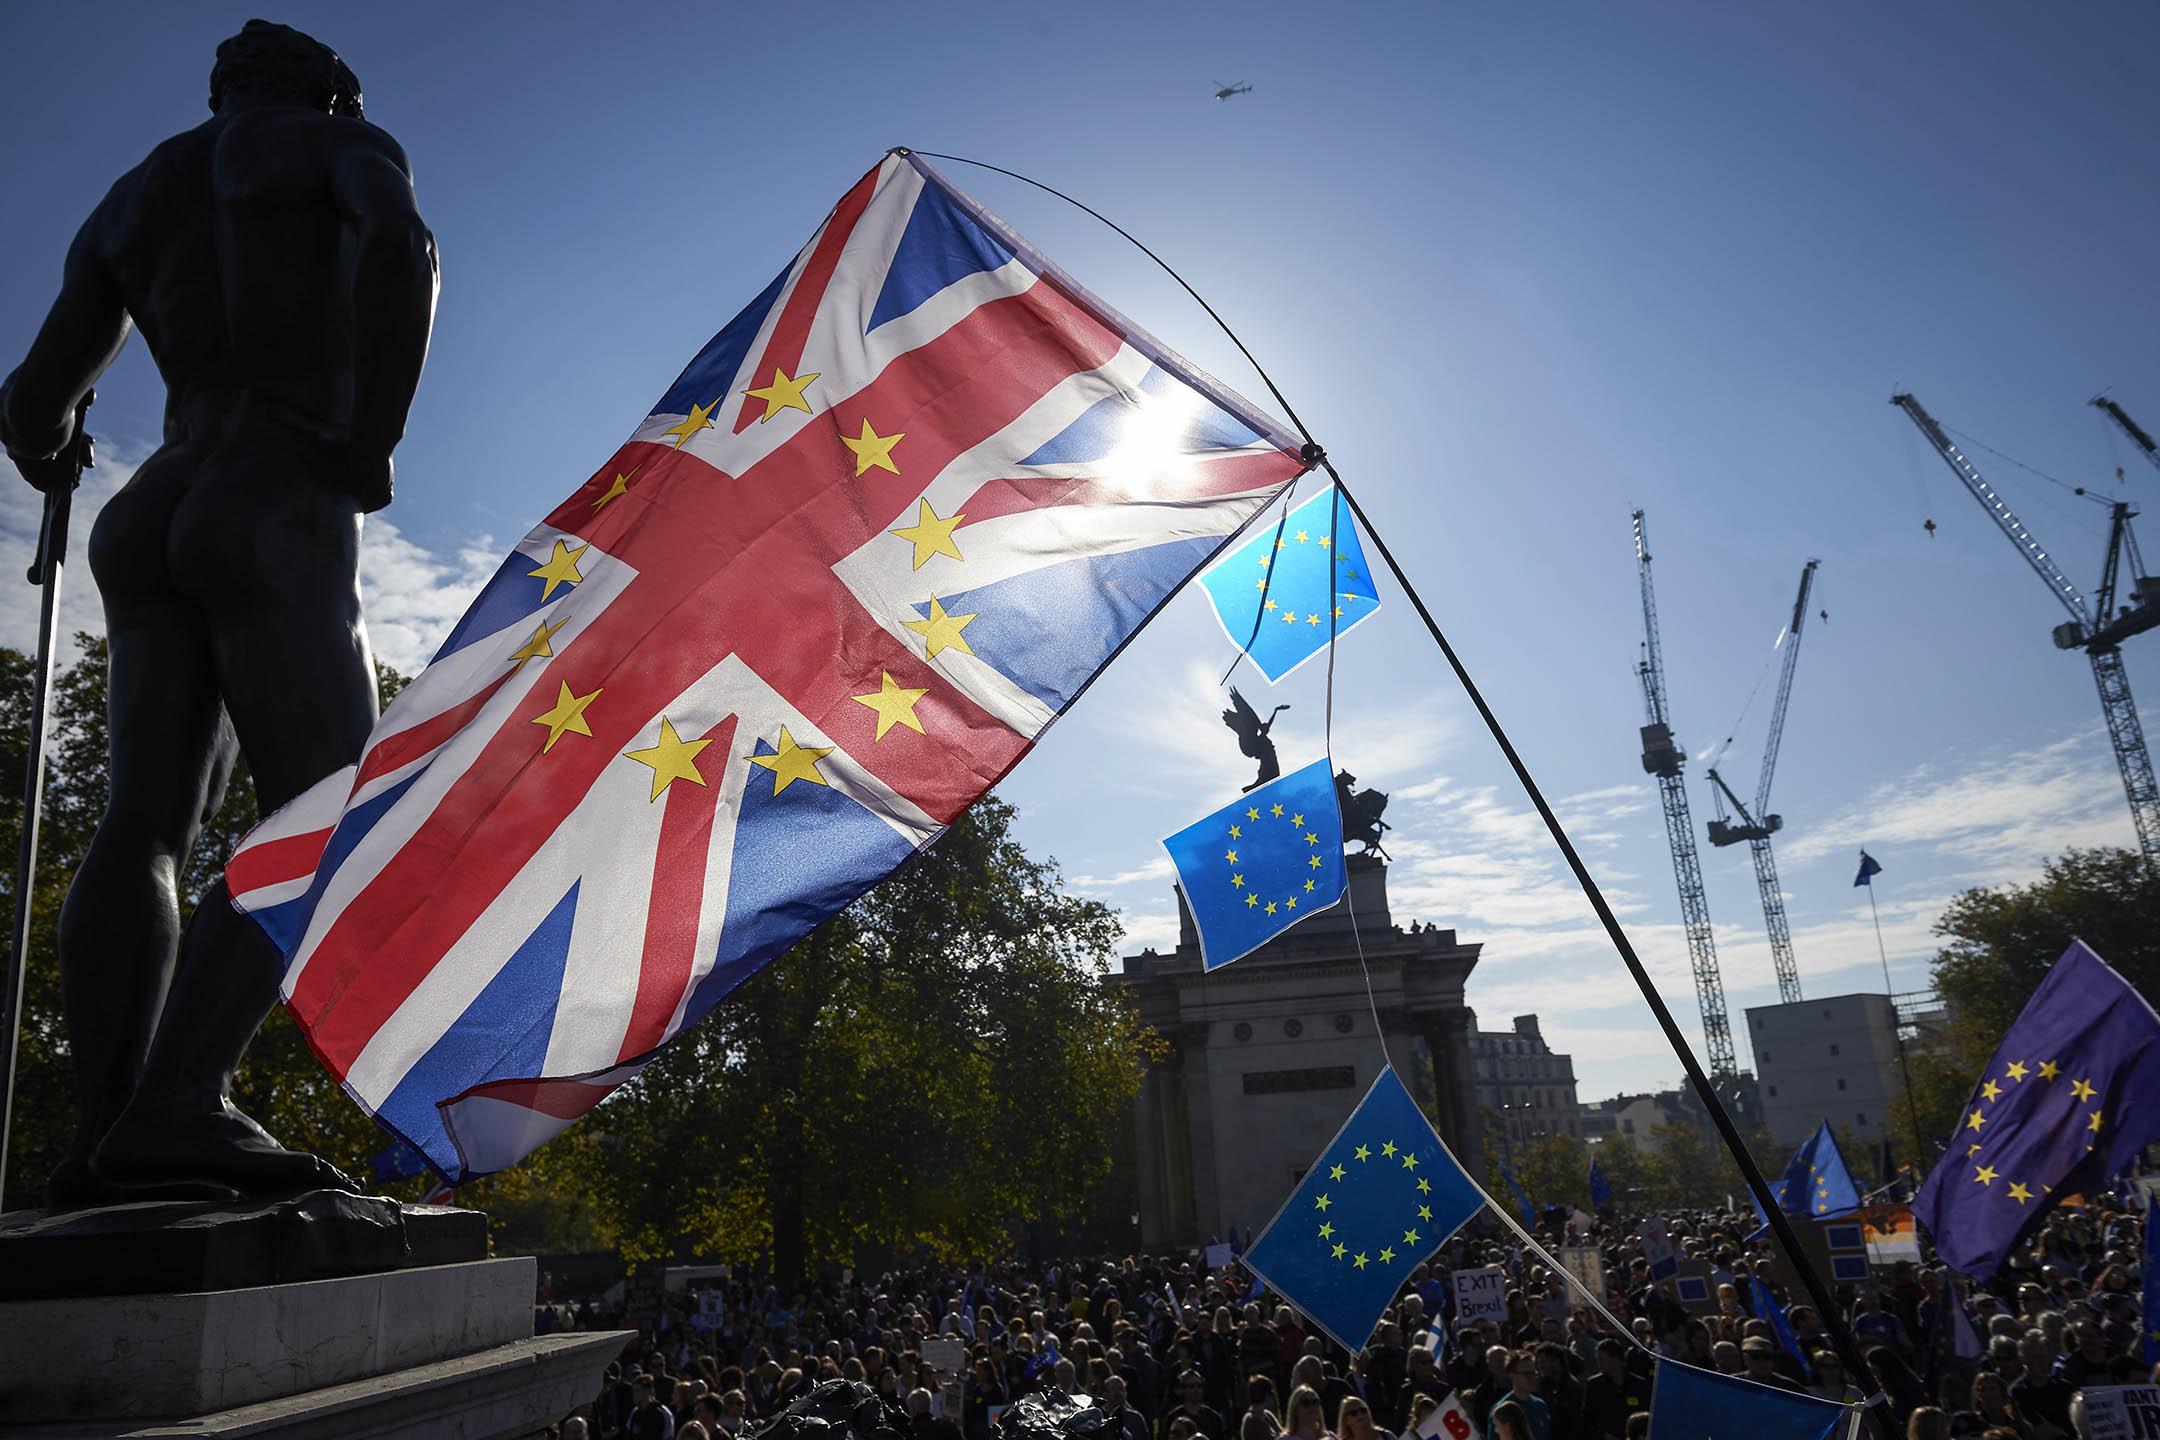 在長達一年半的談判之後,英國與歐盟之間終於達成了一份585頁的脱歐協議草案。